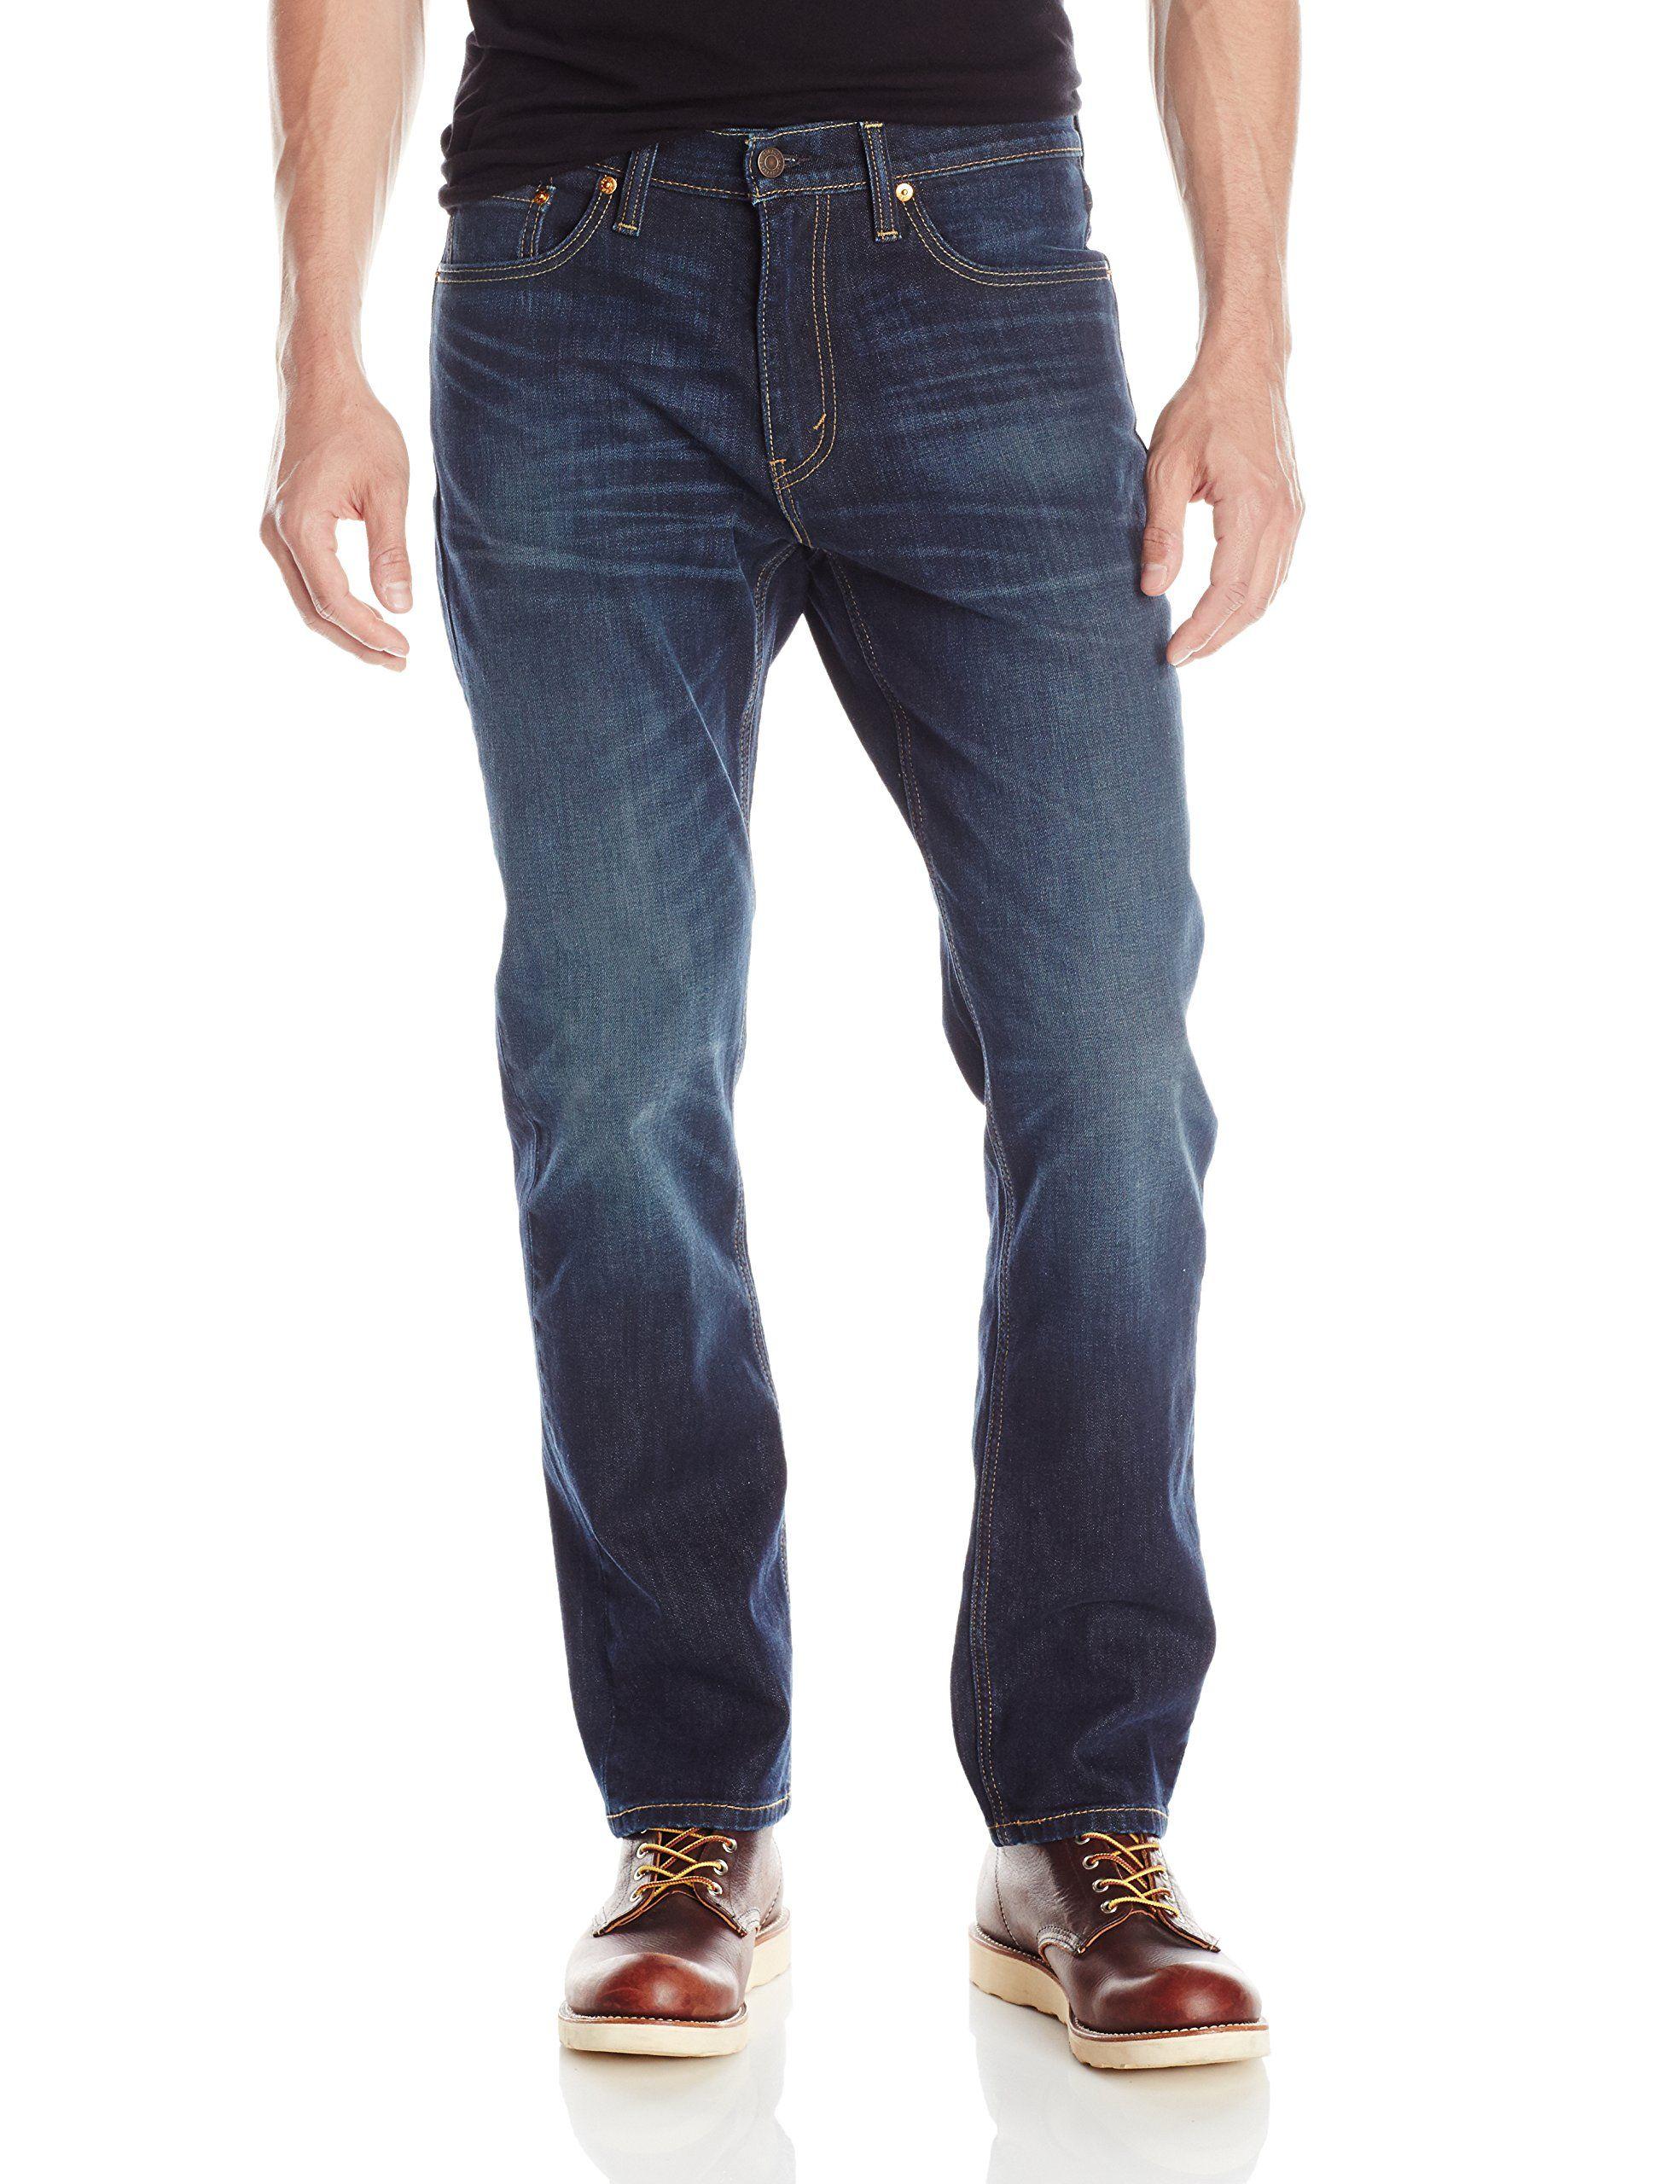 aff22c4293e Amazon.com: Levi's Men's 541 Athletic Fit Jean, The Rich, 34x36: Clothing